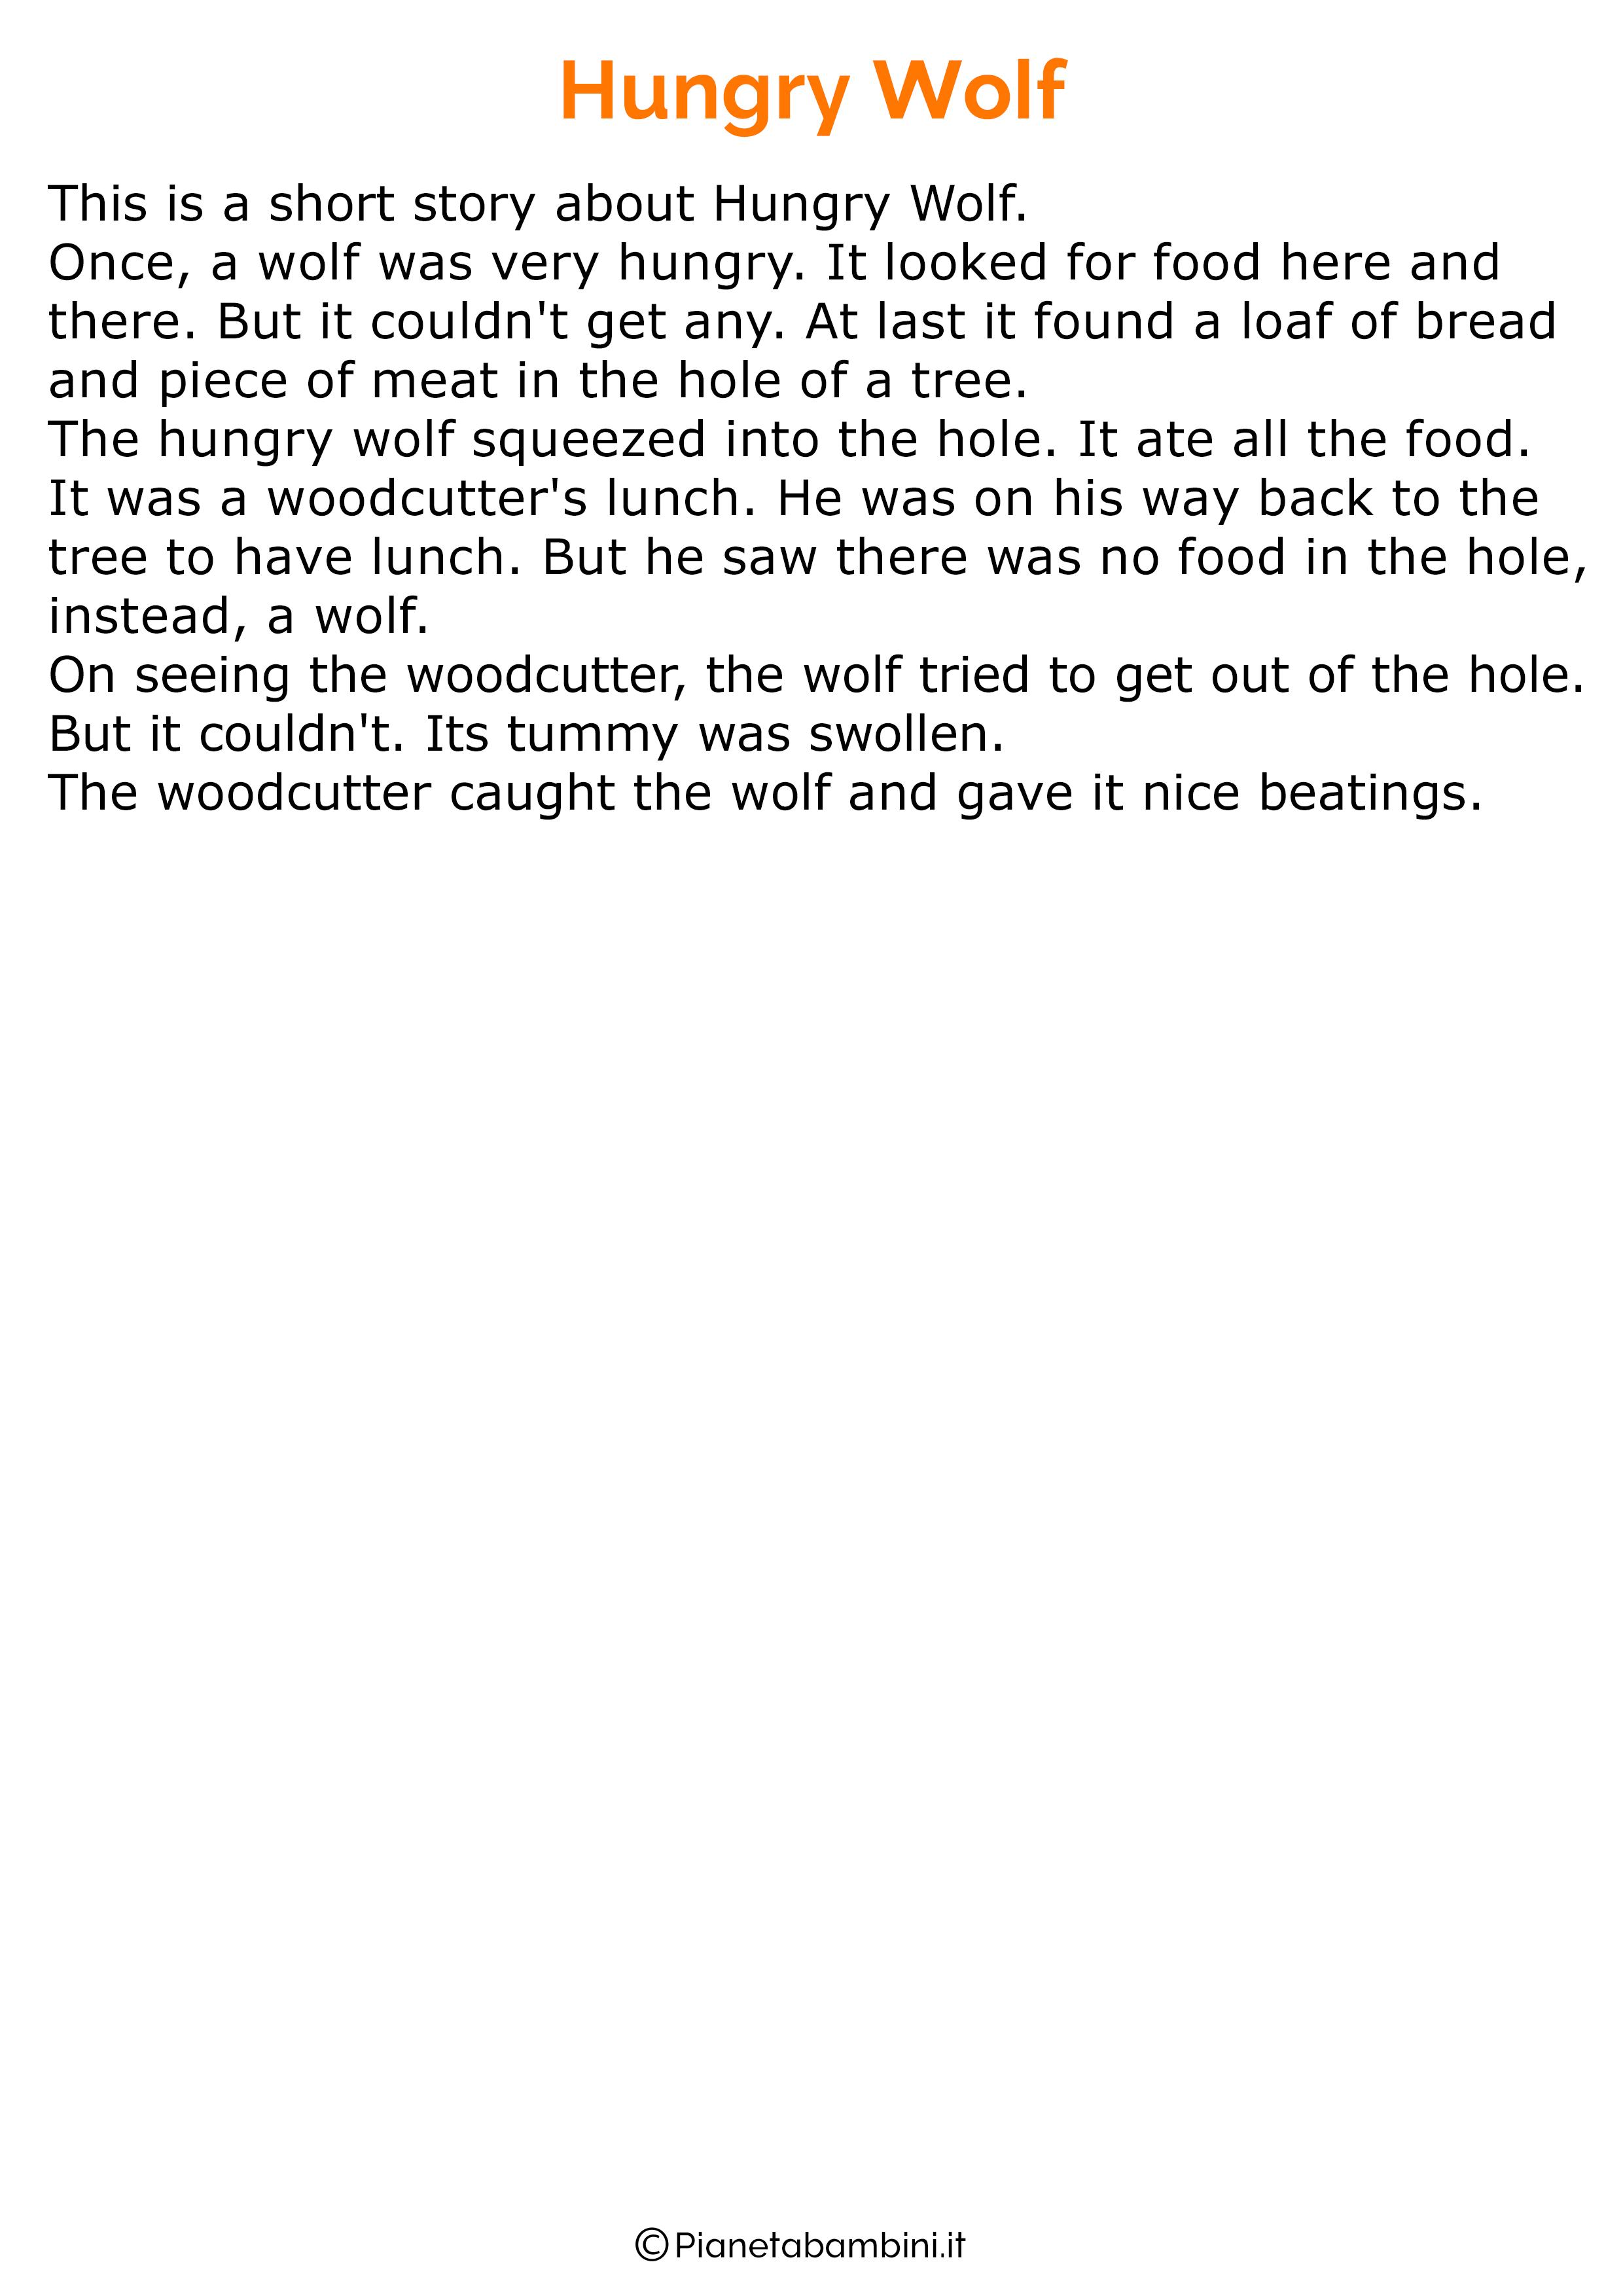 Racconto in inglese sugli animali 04